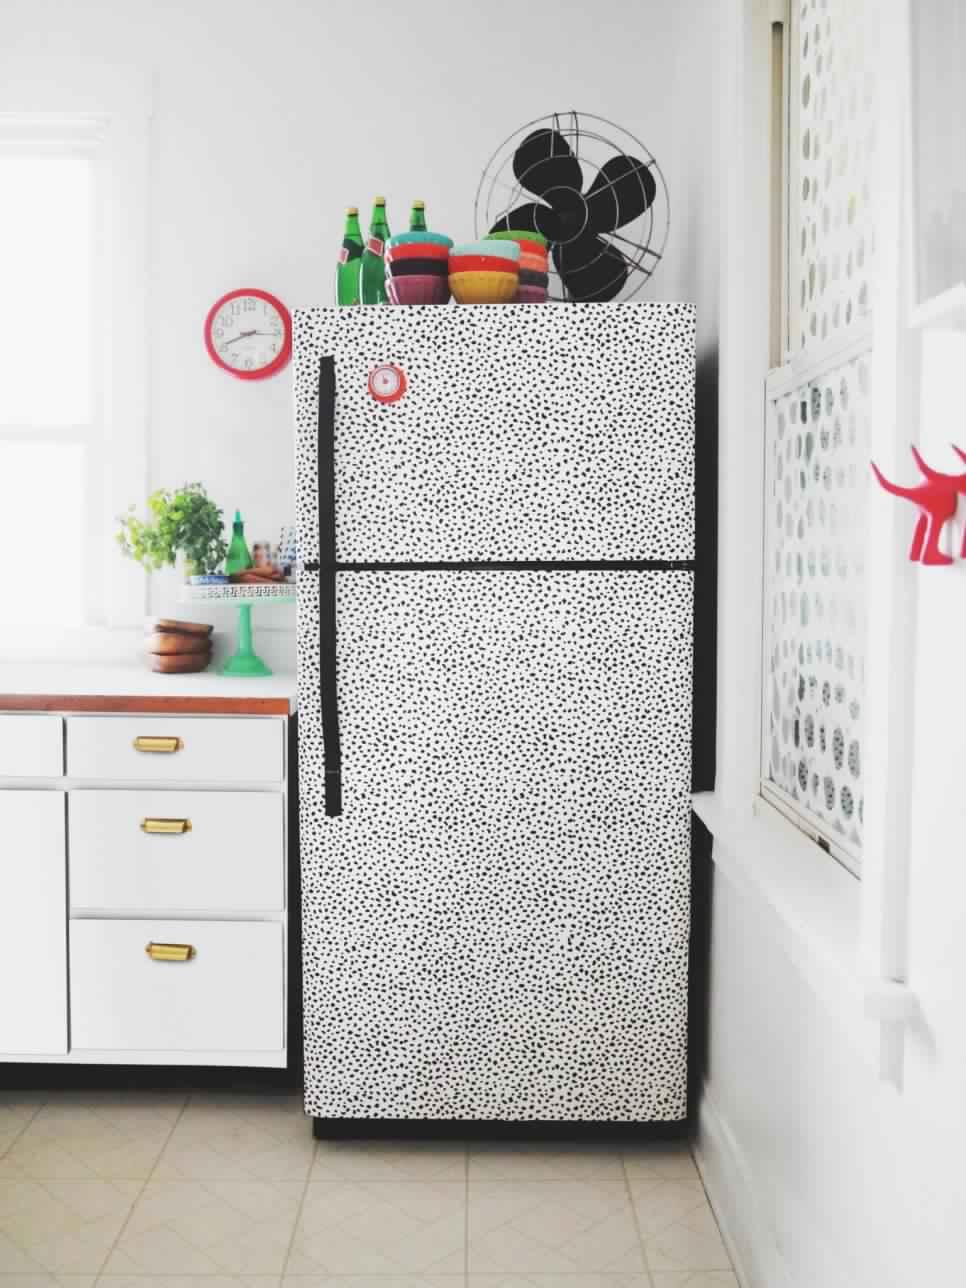 Как обновить старый холодильник своими руками: идеи реставрации старого 17